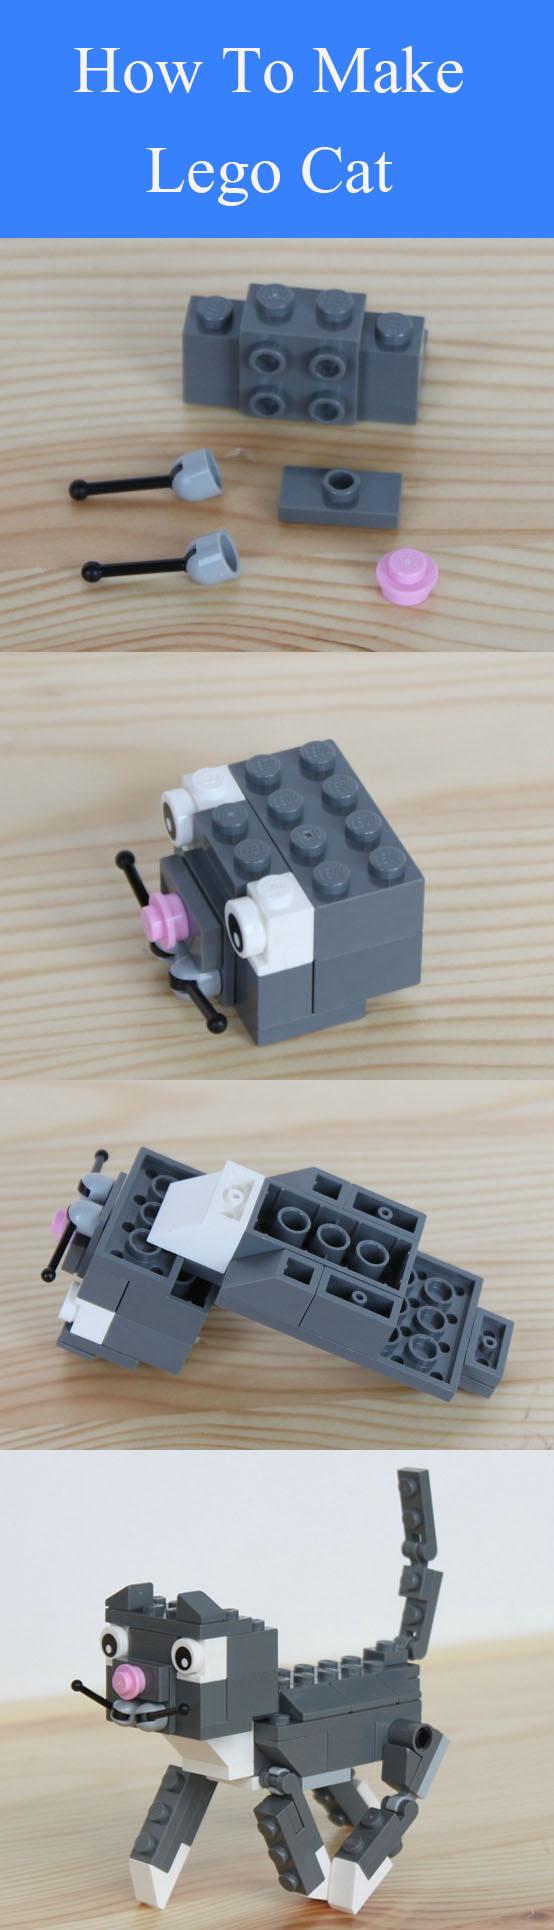 DIY Lego Cat